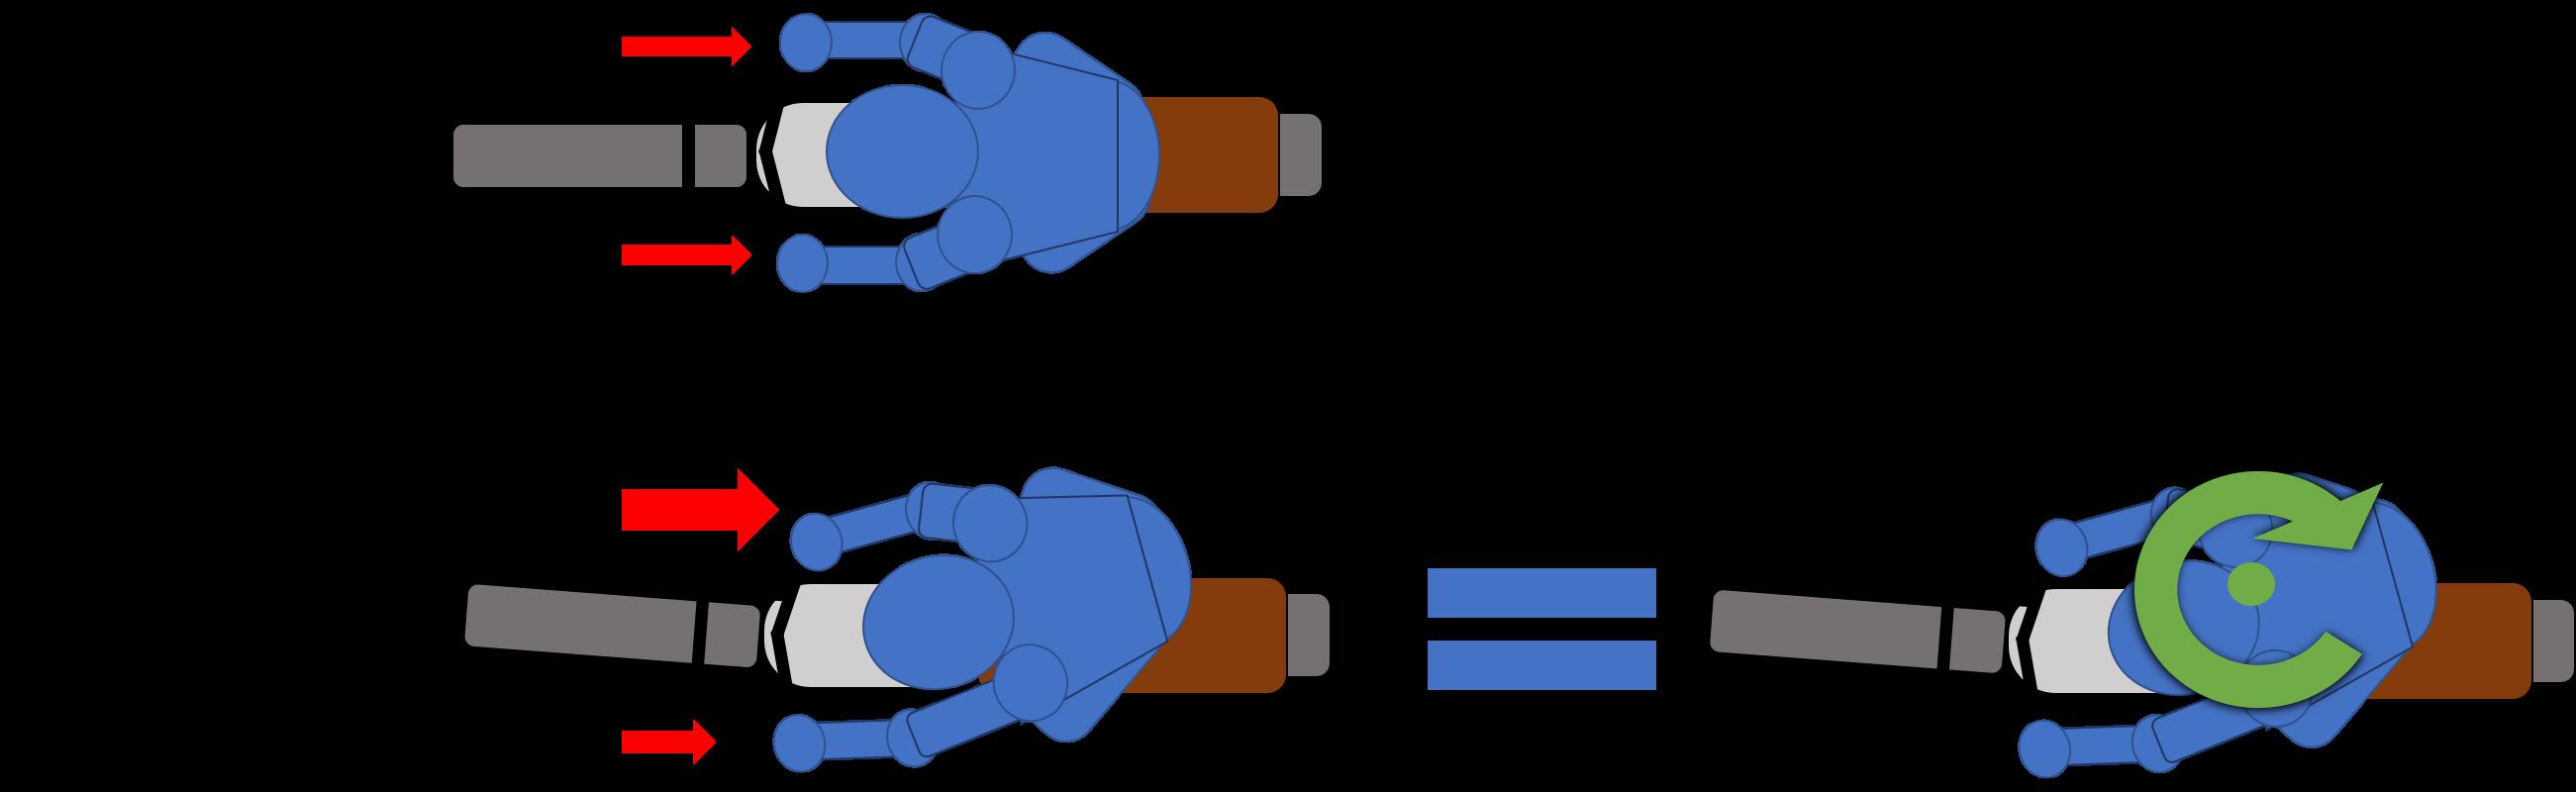 schema moment de lacet moto aerodynamique